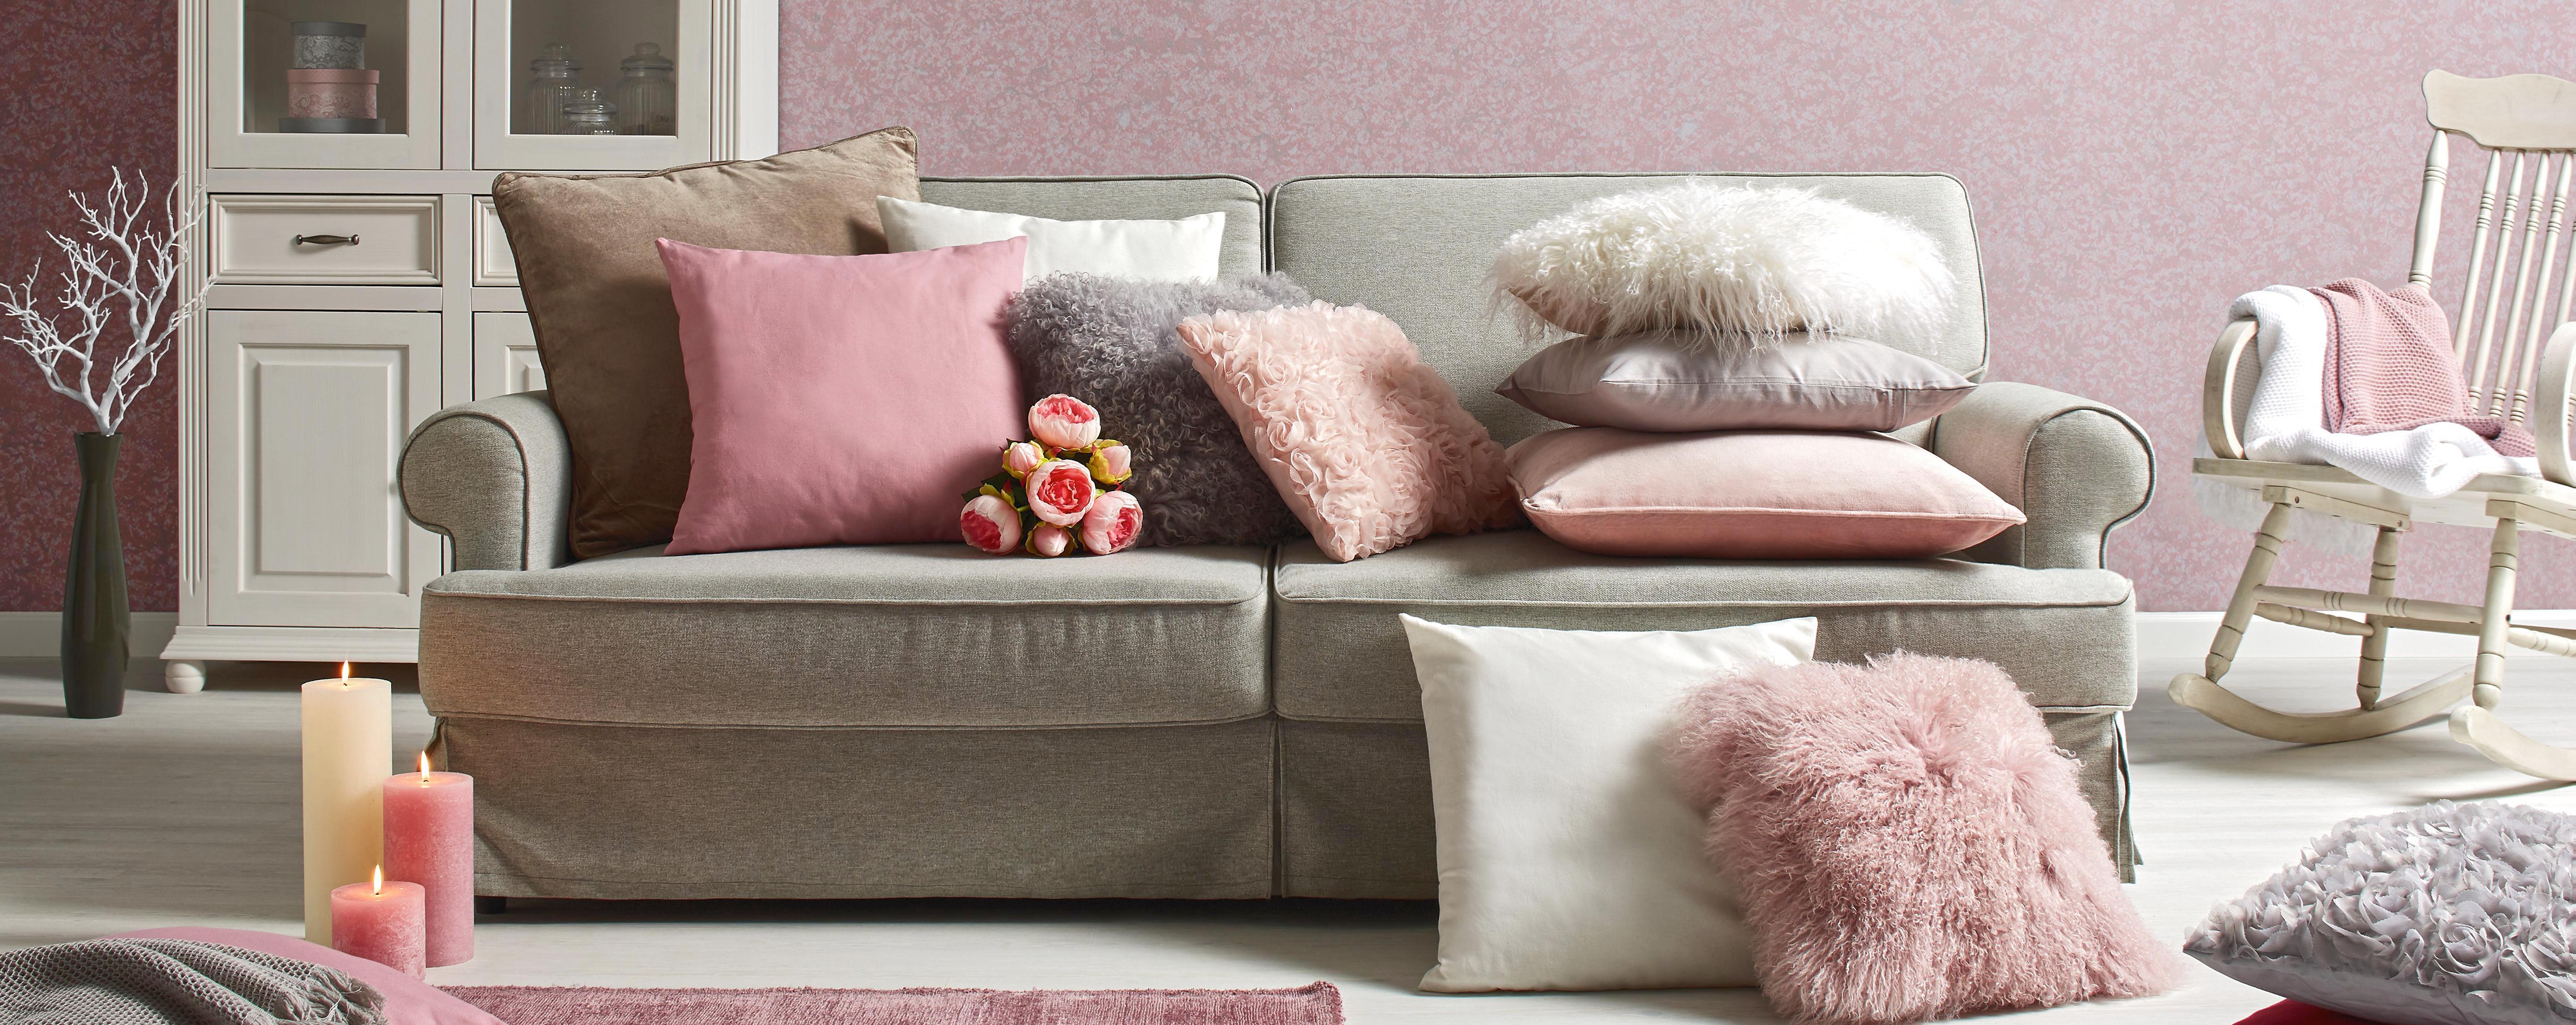 Polštář Ozdobný Shaun - růžová, textil (40/40cm) - PREMIUM LIVING